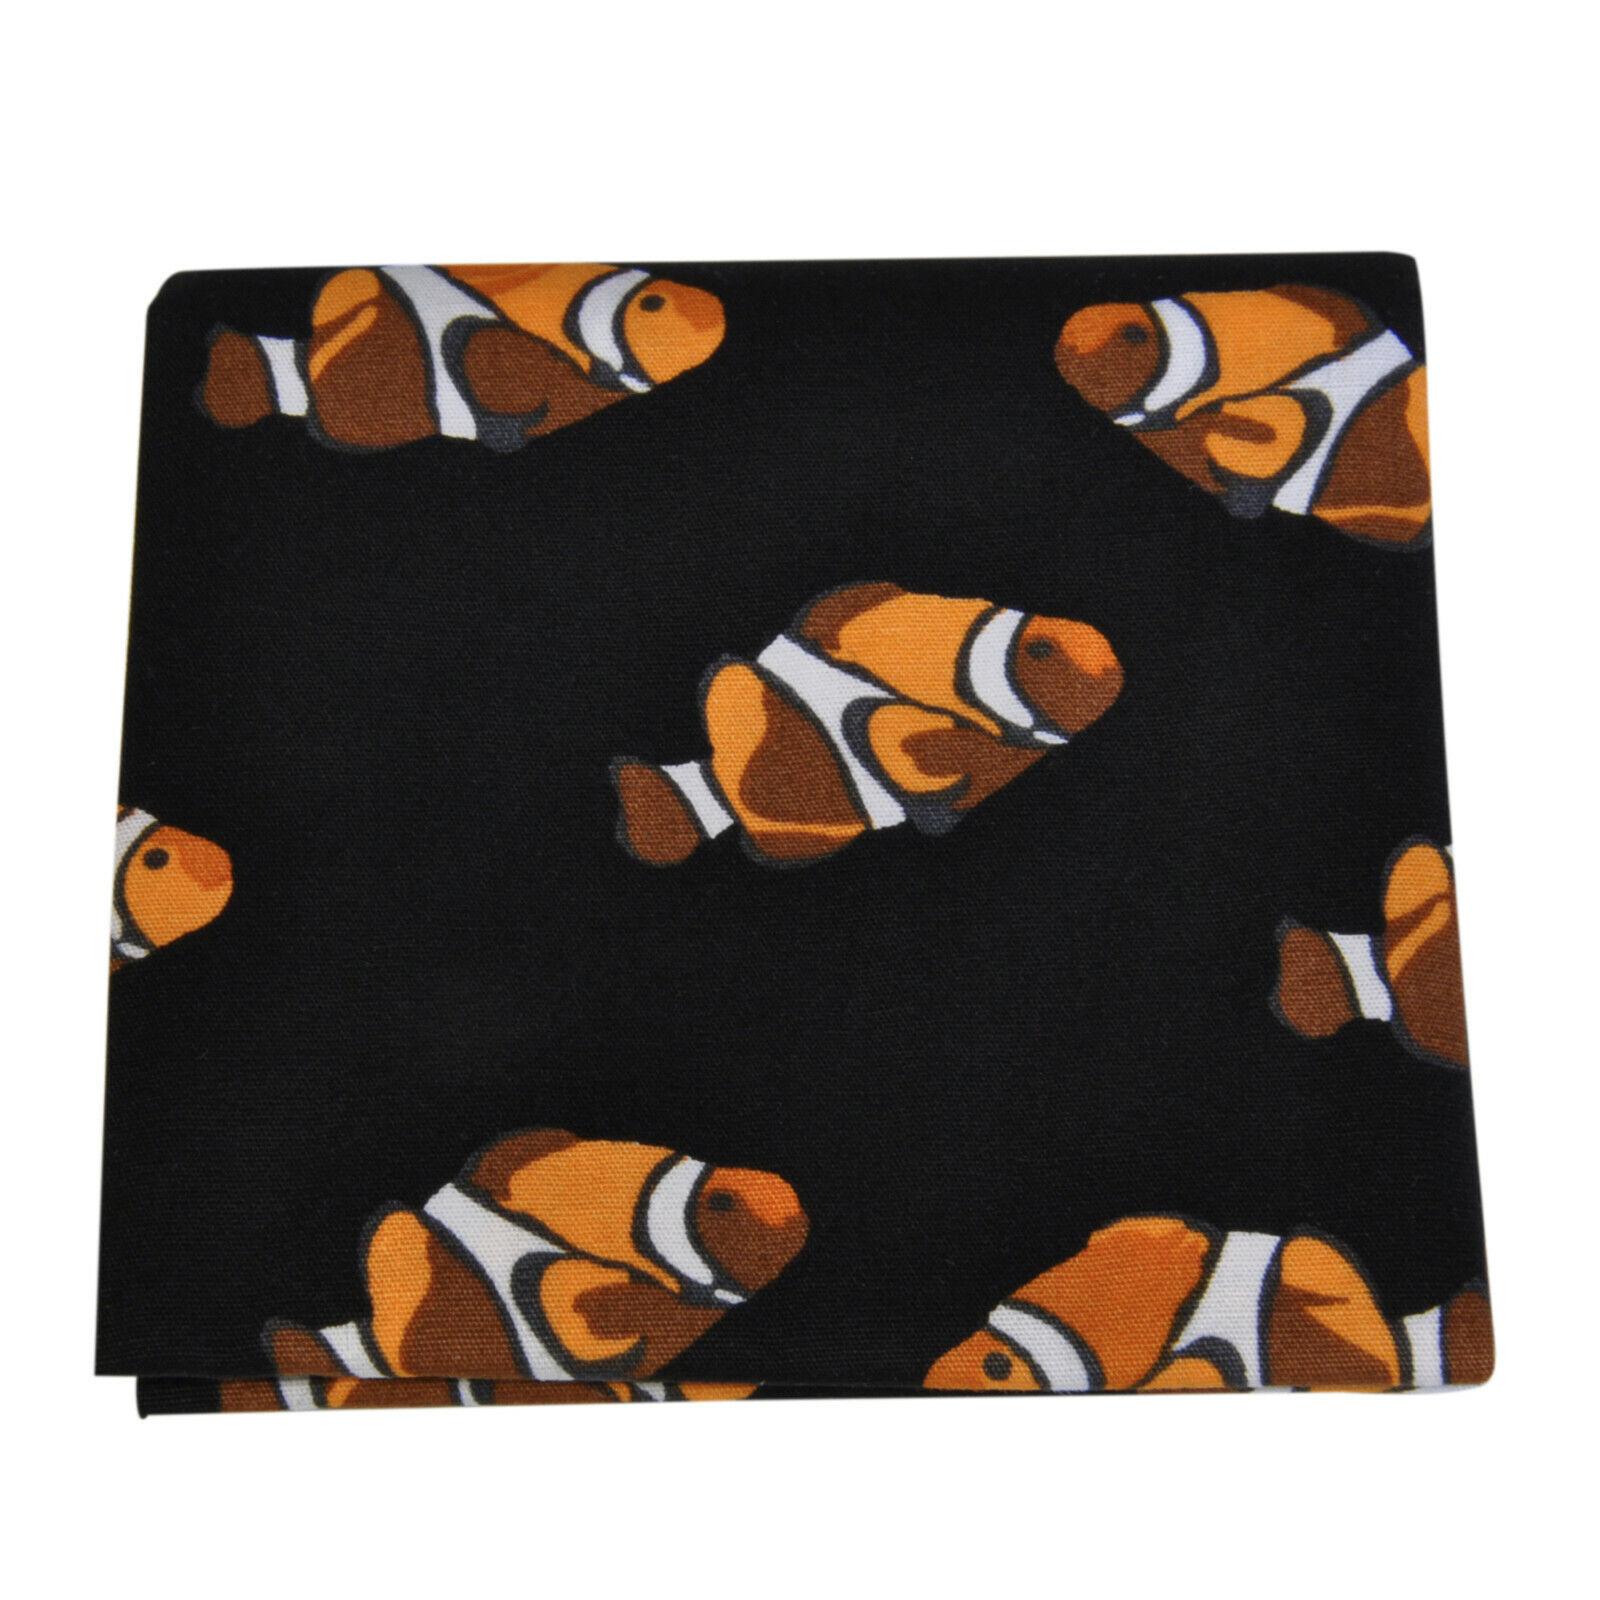 Moda de tela pañuelo/plastrón de algodón: Design querían